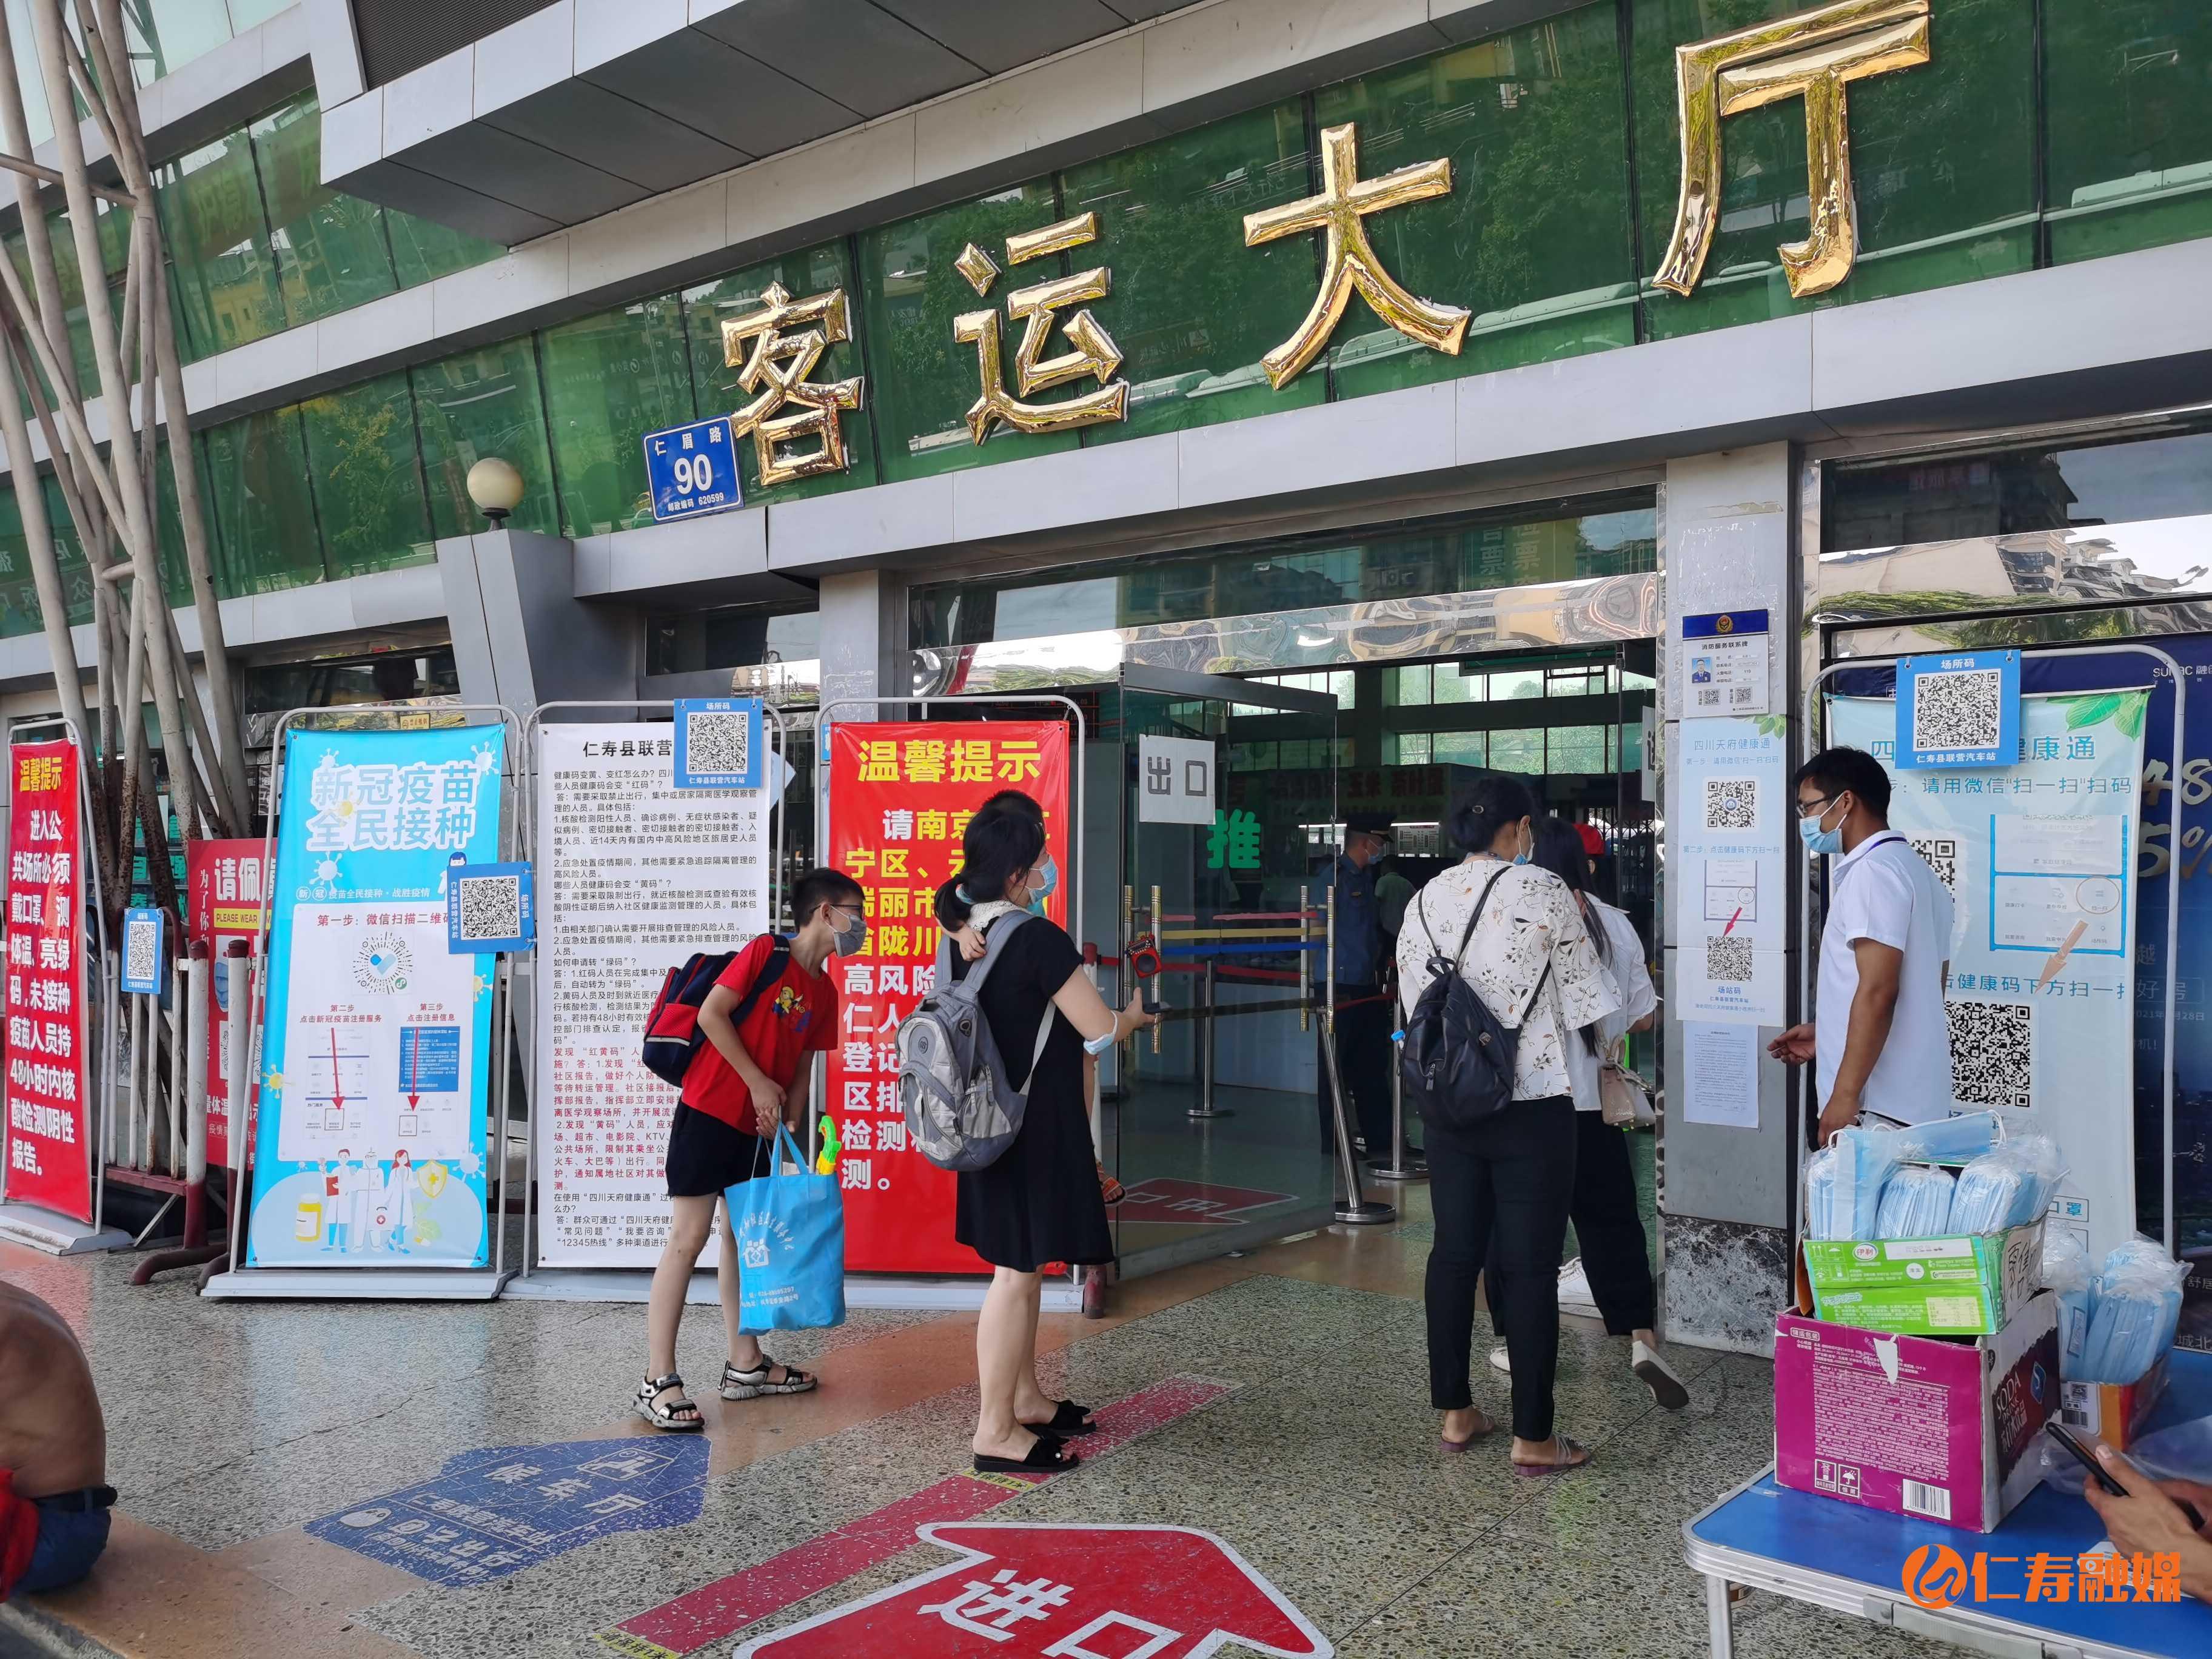 ?县联营汽车站强化疫情防控措施保障旅客出行安全